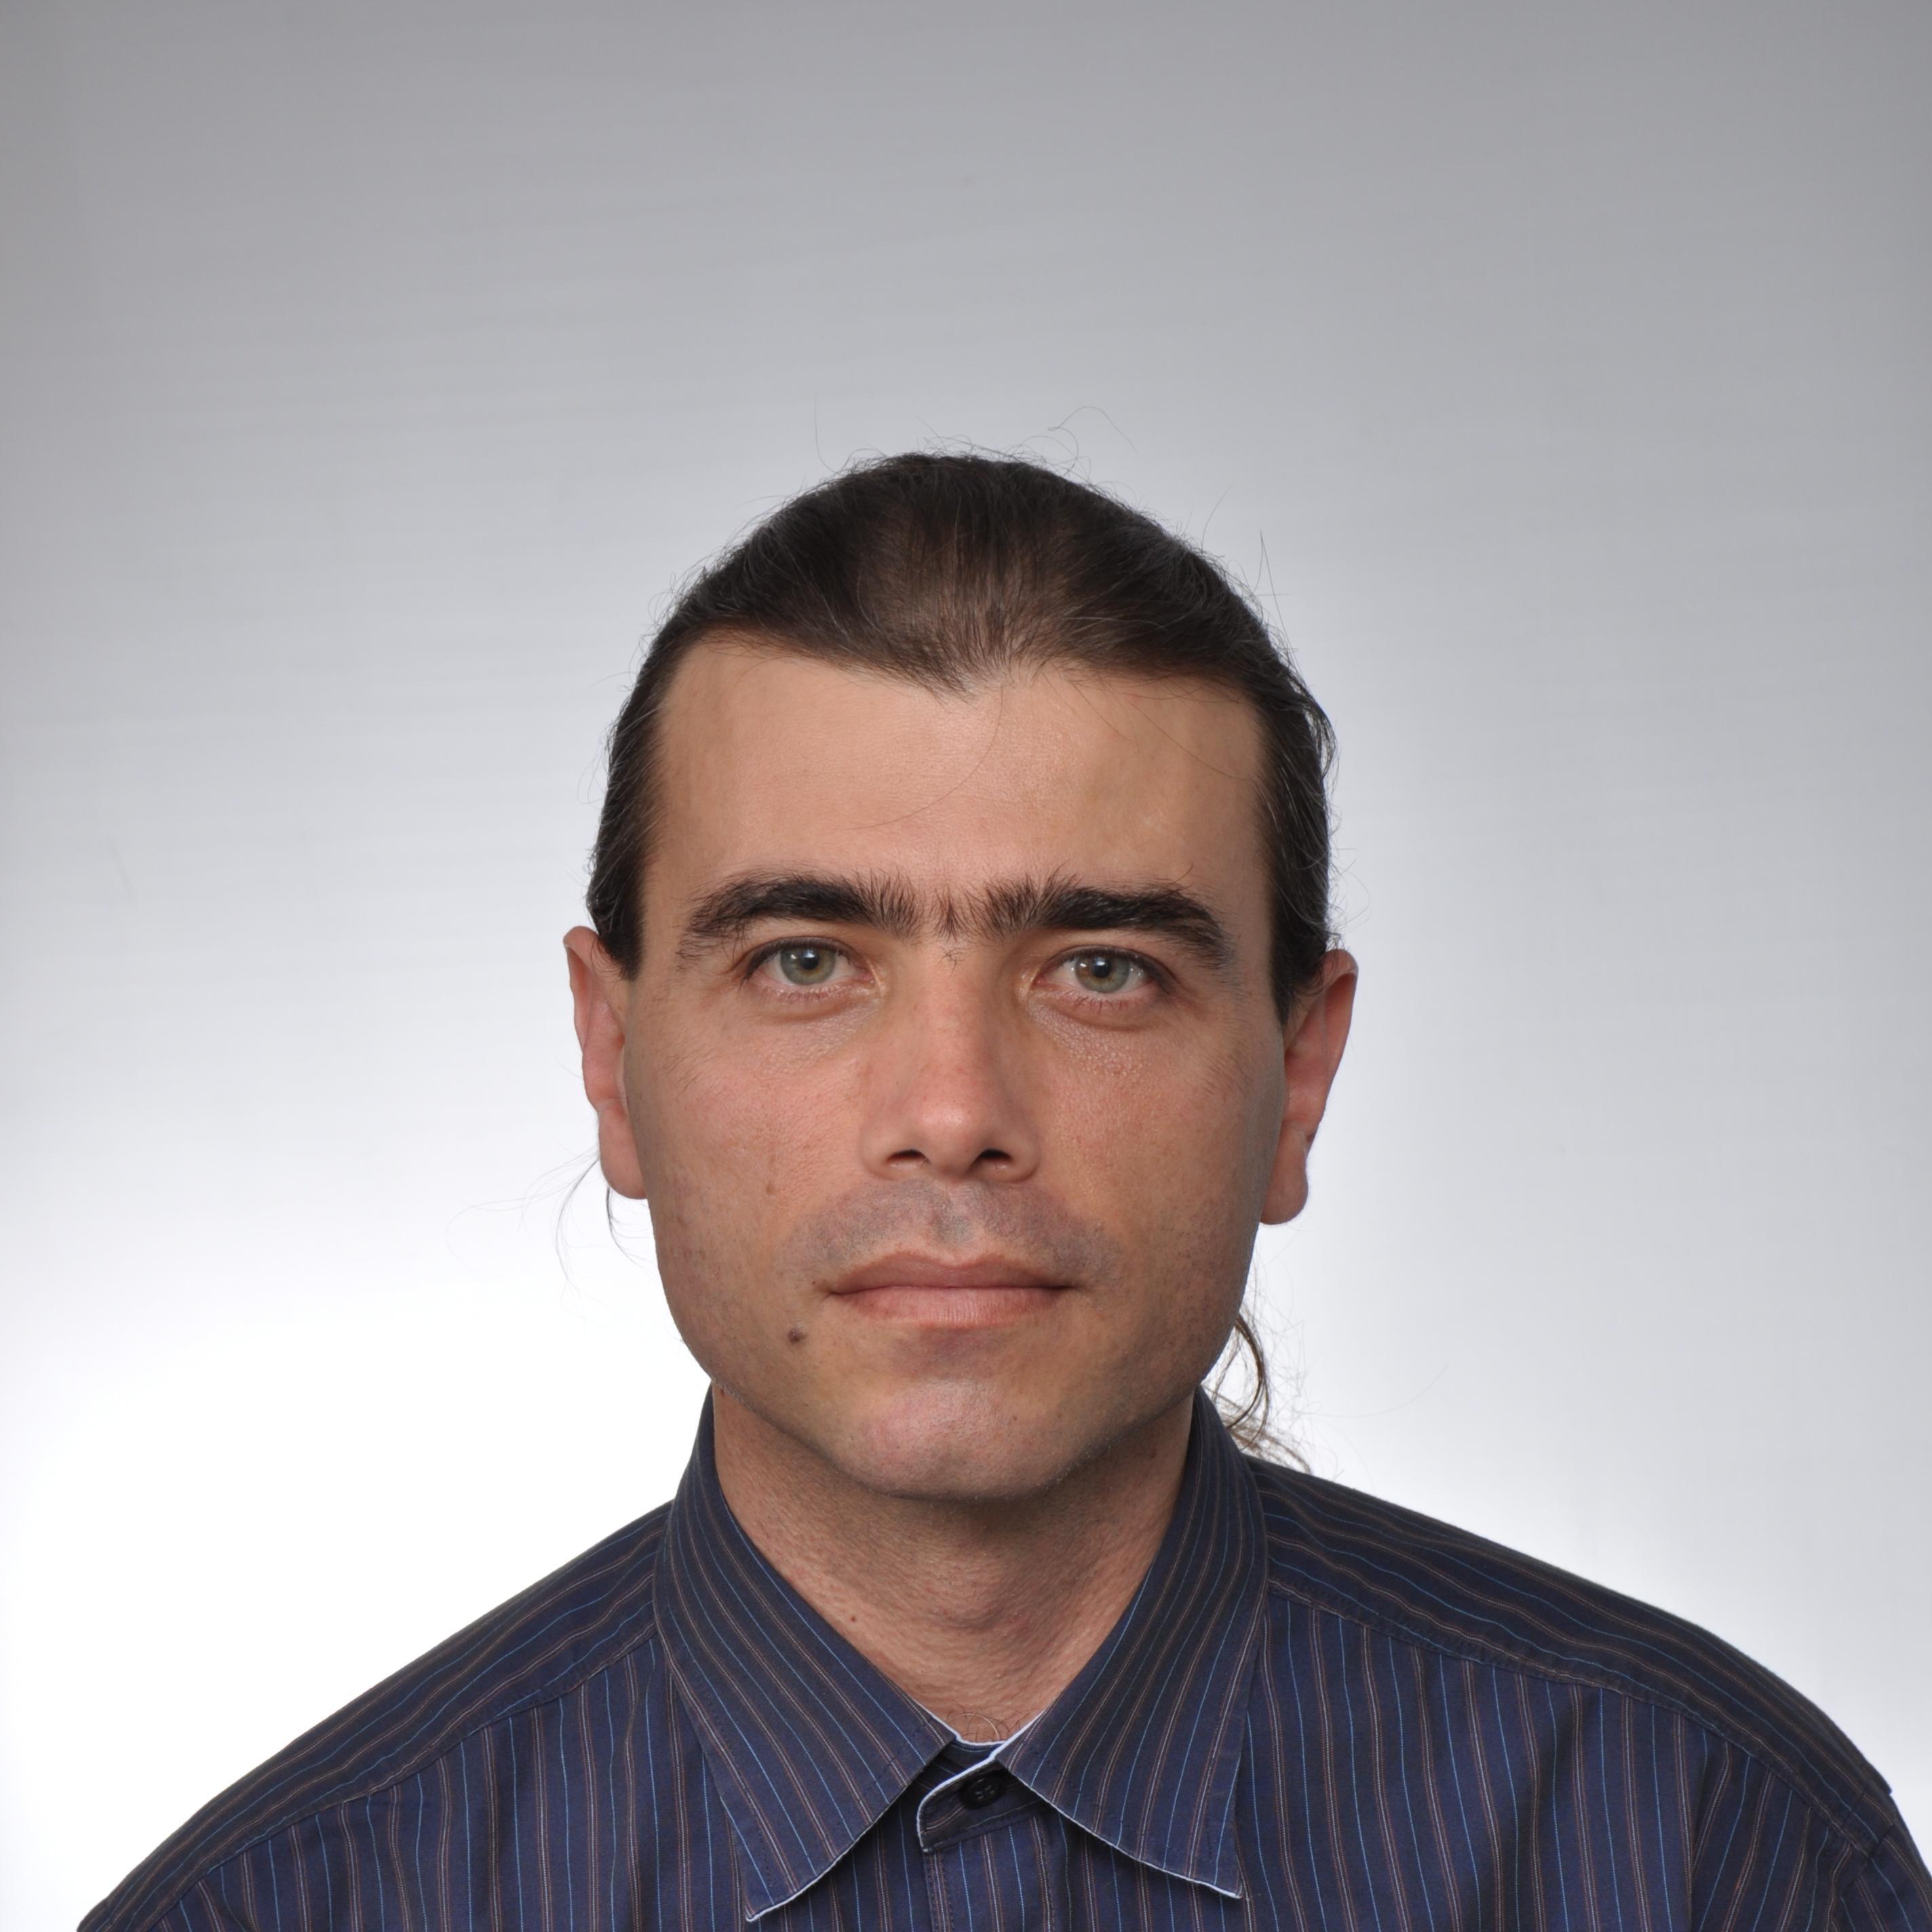 Trifon Chervenkov